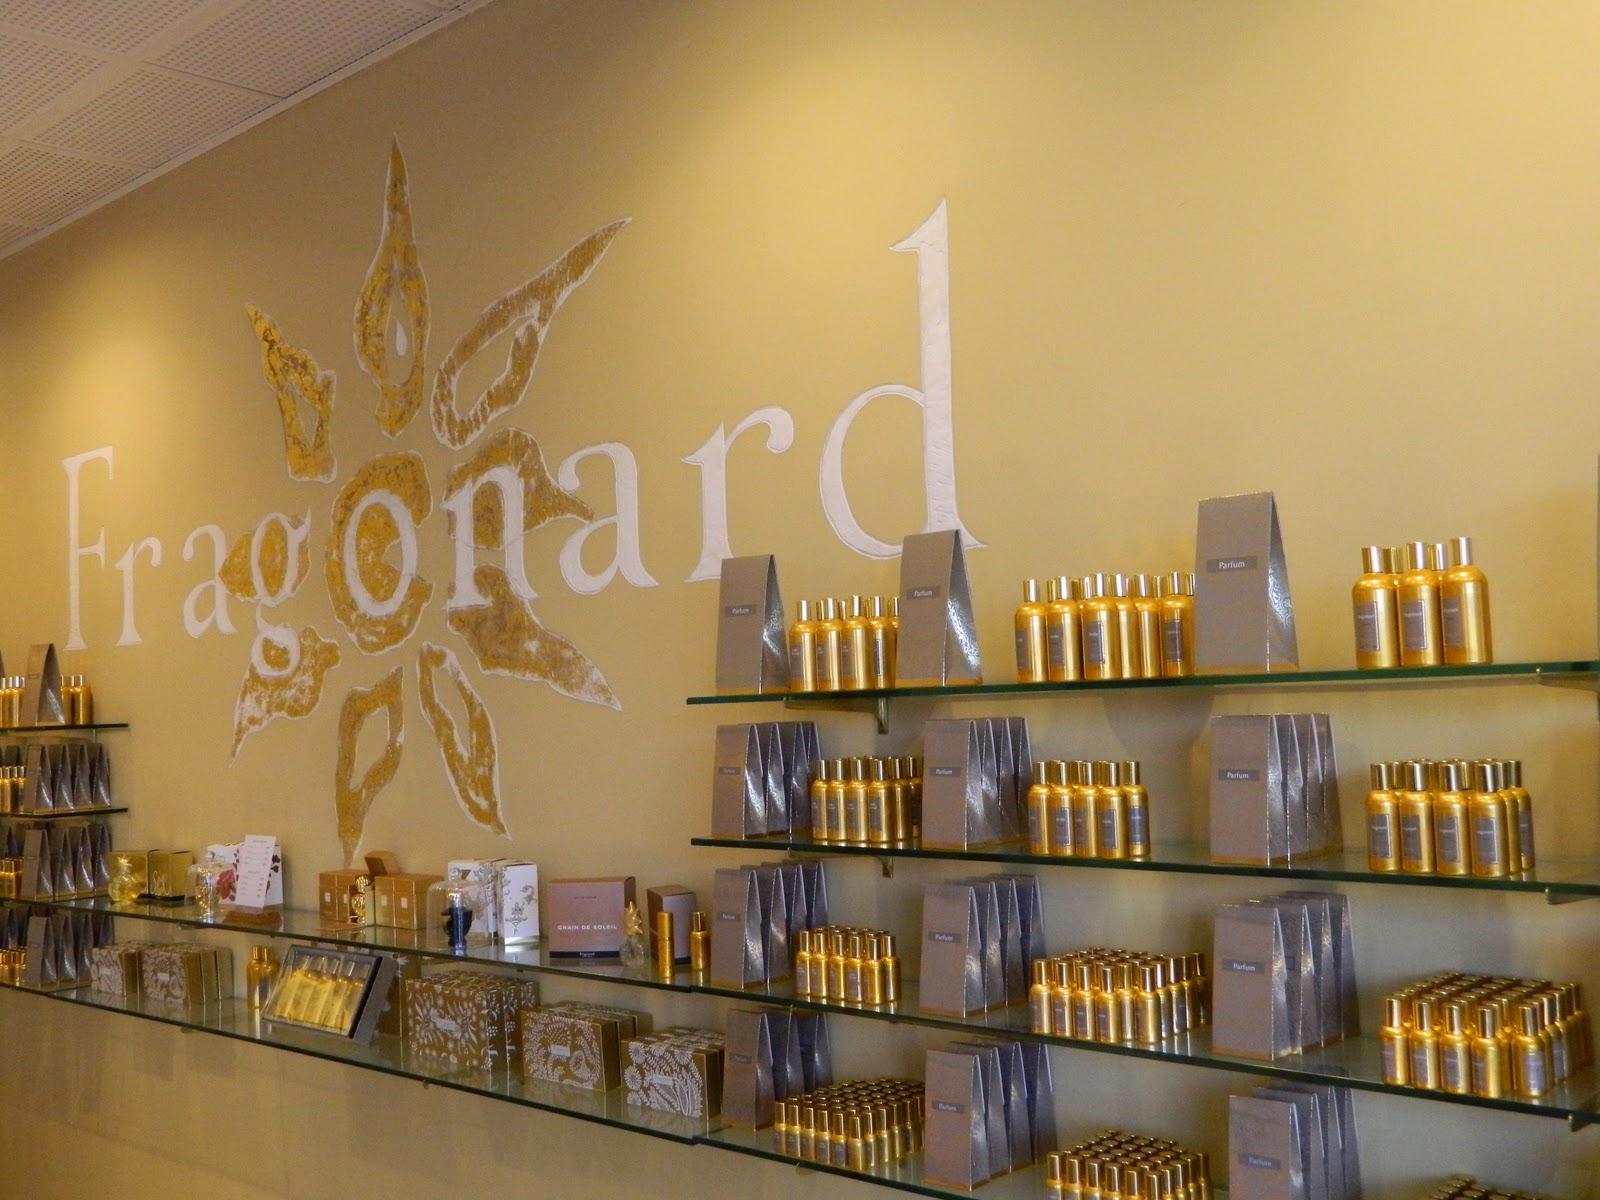 Zeci de sticluțe cu design elegant așteaptă să fie luate acasă